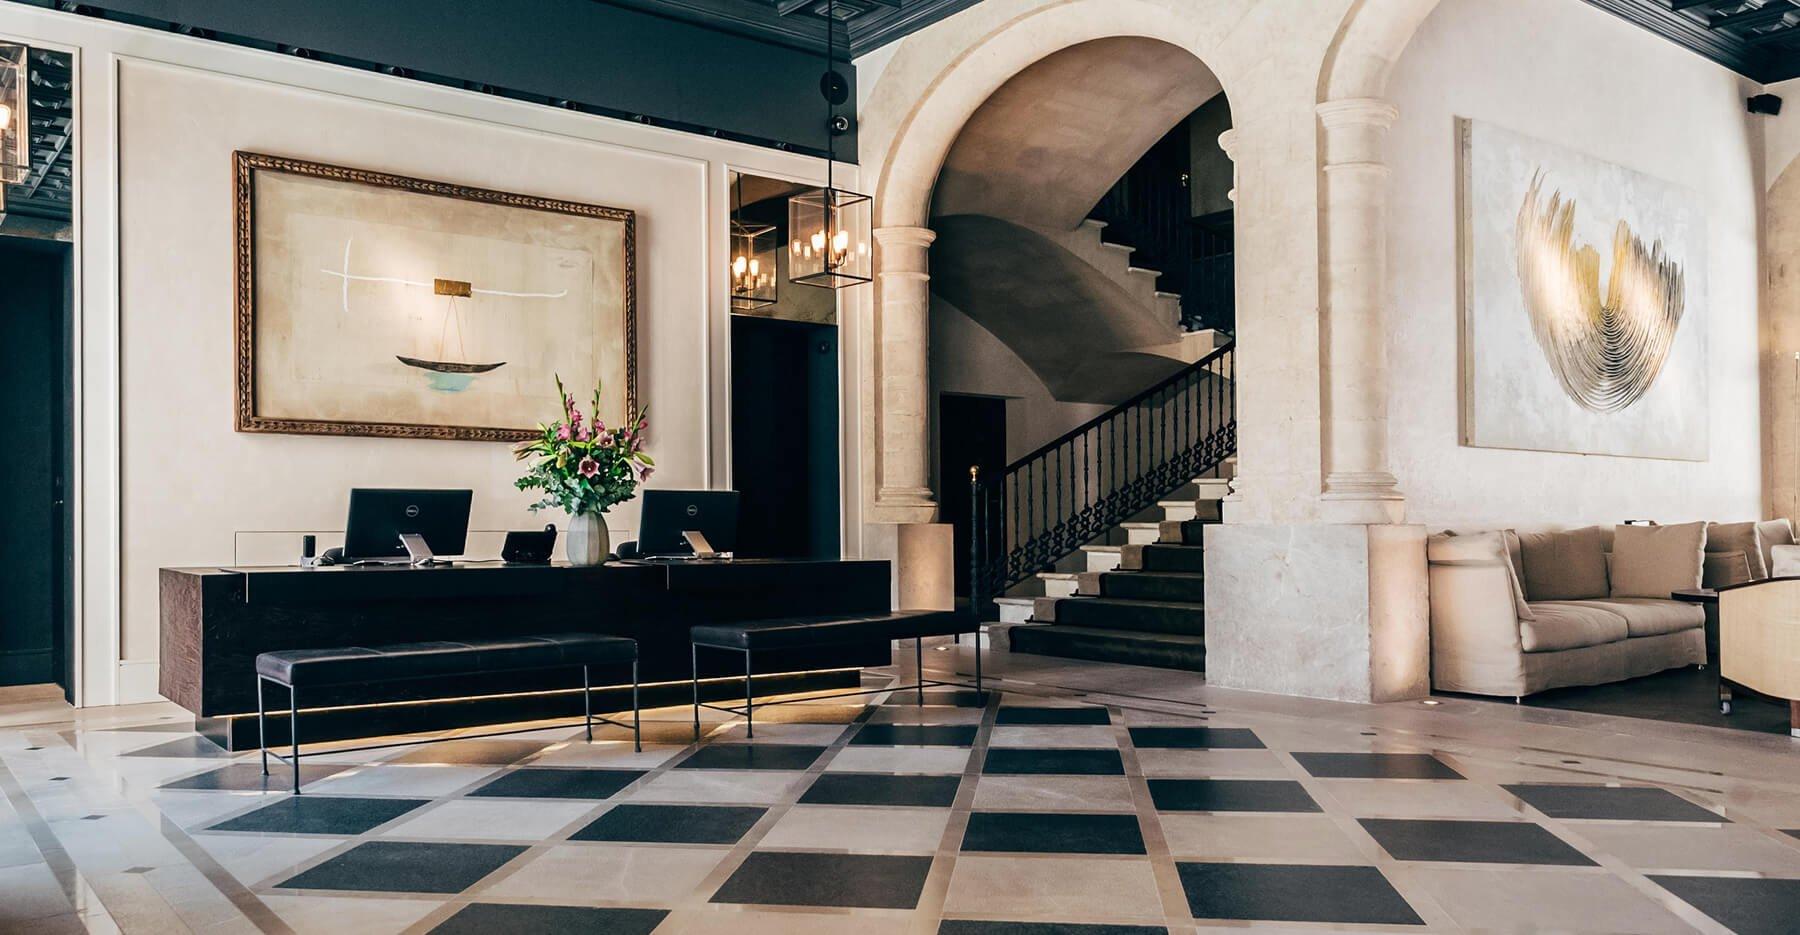 portada-seccion-hotel-sant-francesc-en